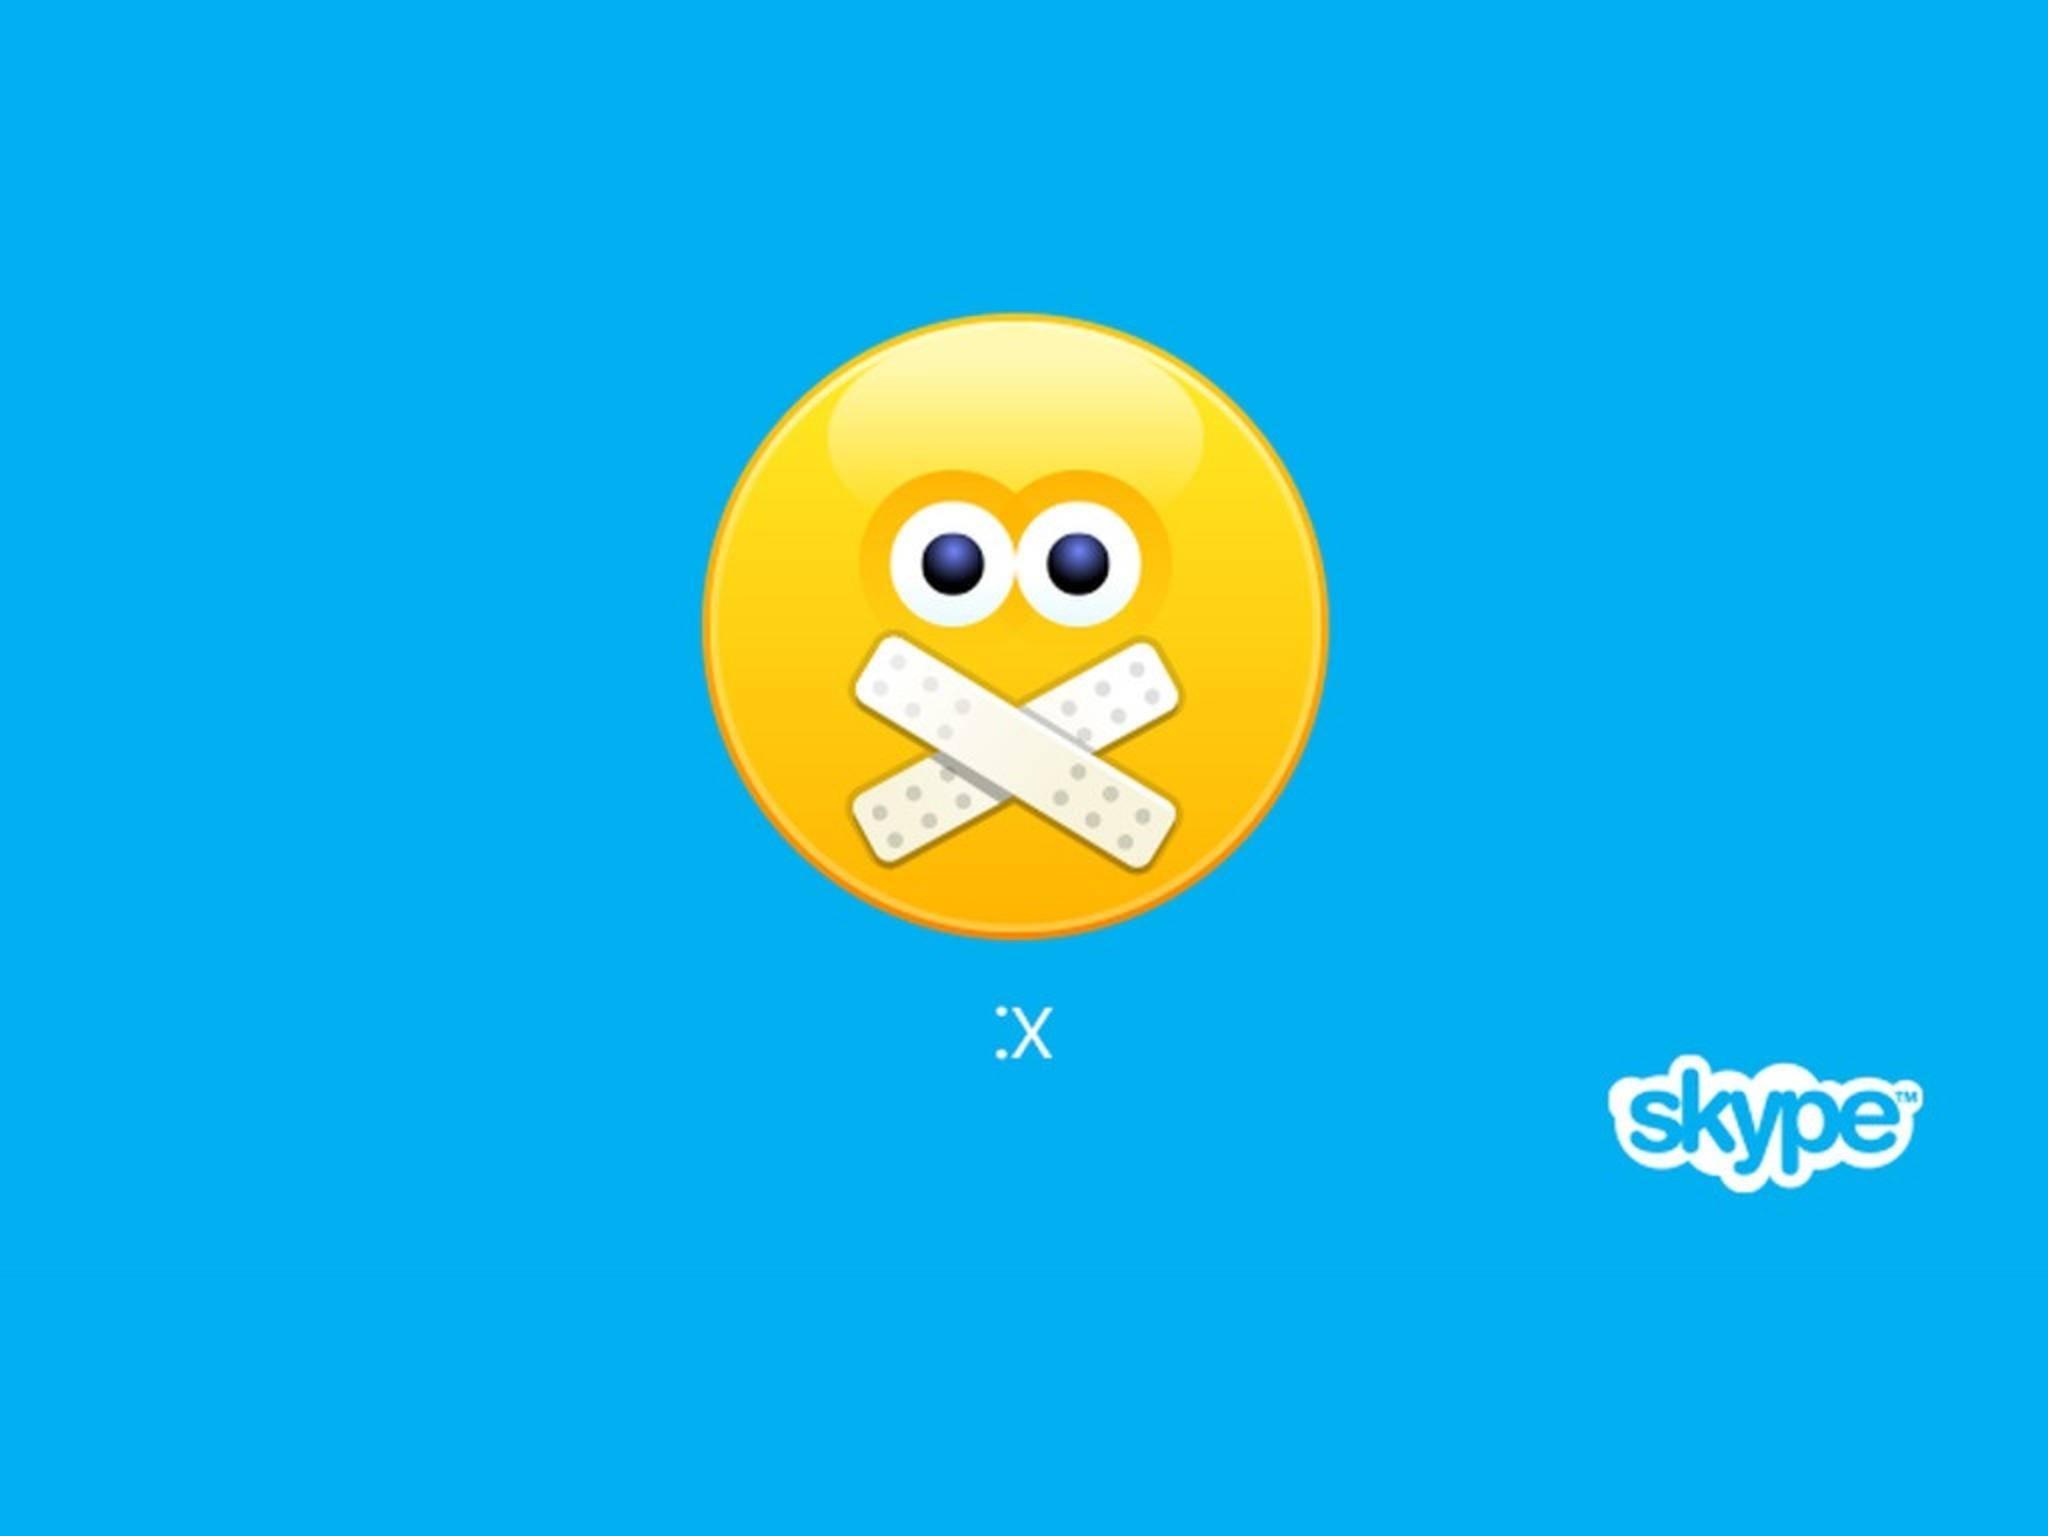 Doppelpunkt, großes X: Damals reichten simple Zeichen für Emoticons.